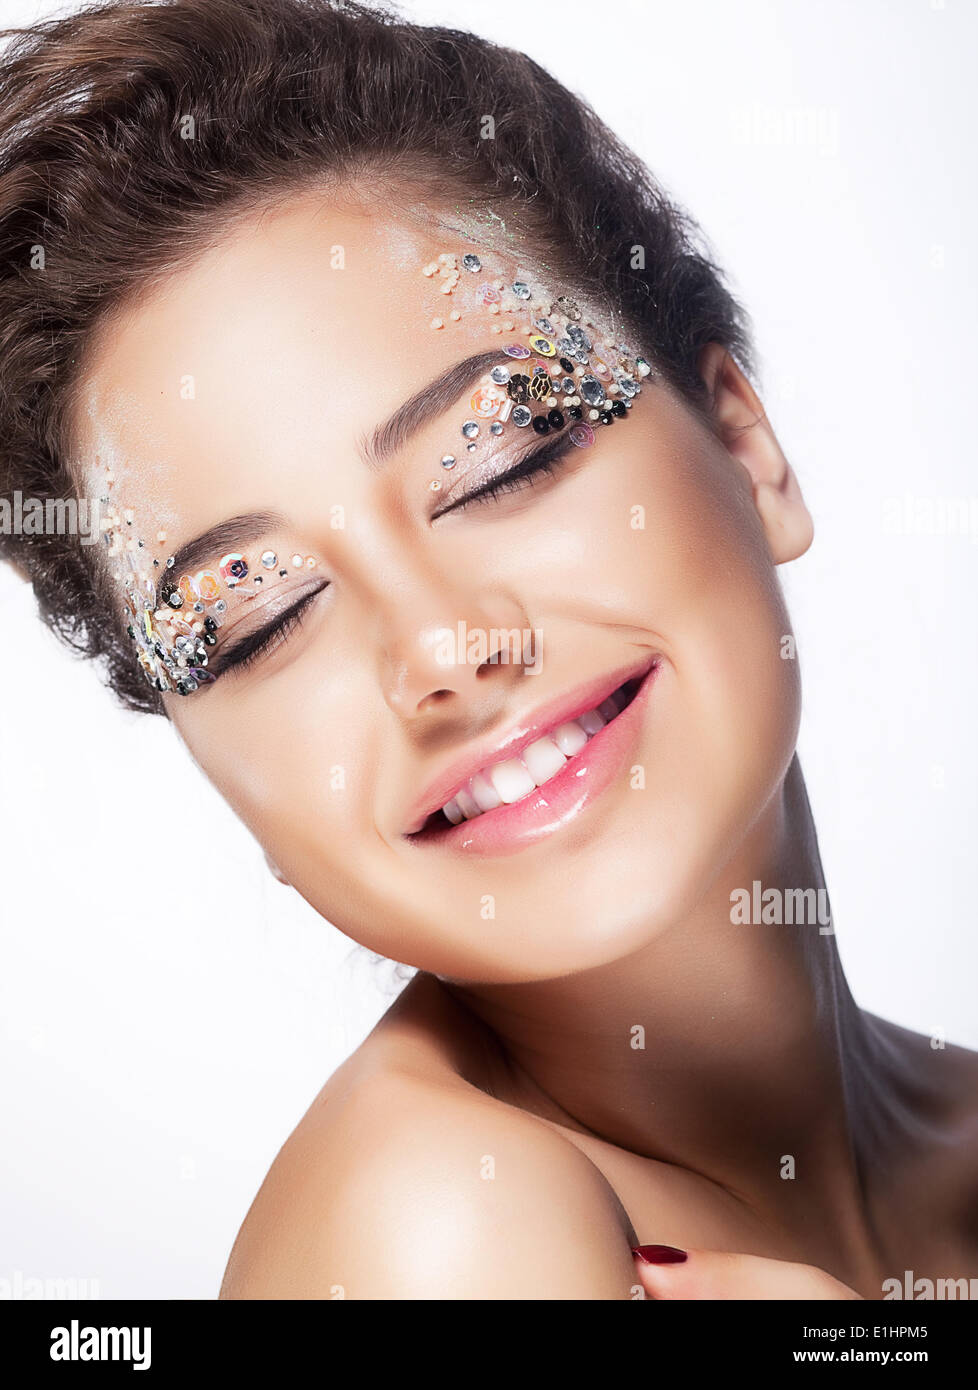 Euforico in giovane donna sorridente con gli occhi chiusi - piacere e beatitudine. Sensualità e affascinante Immagini Stock